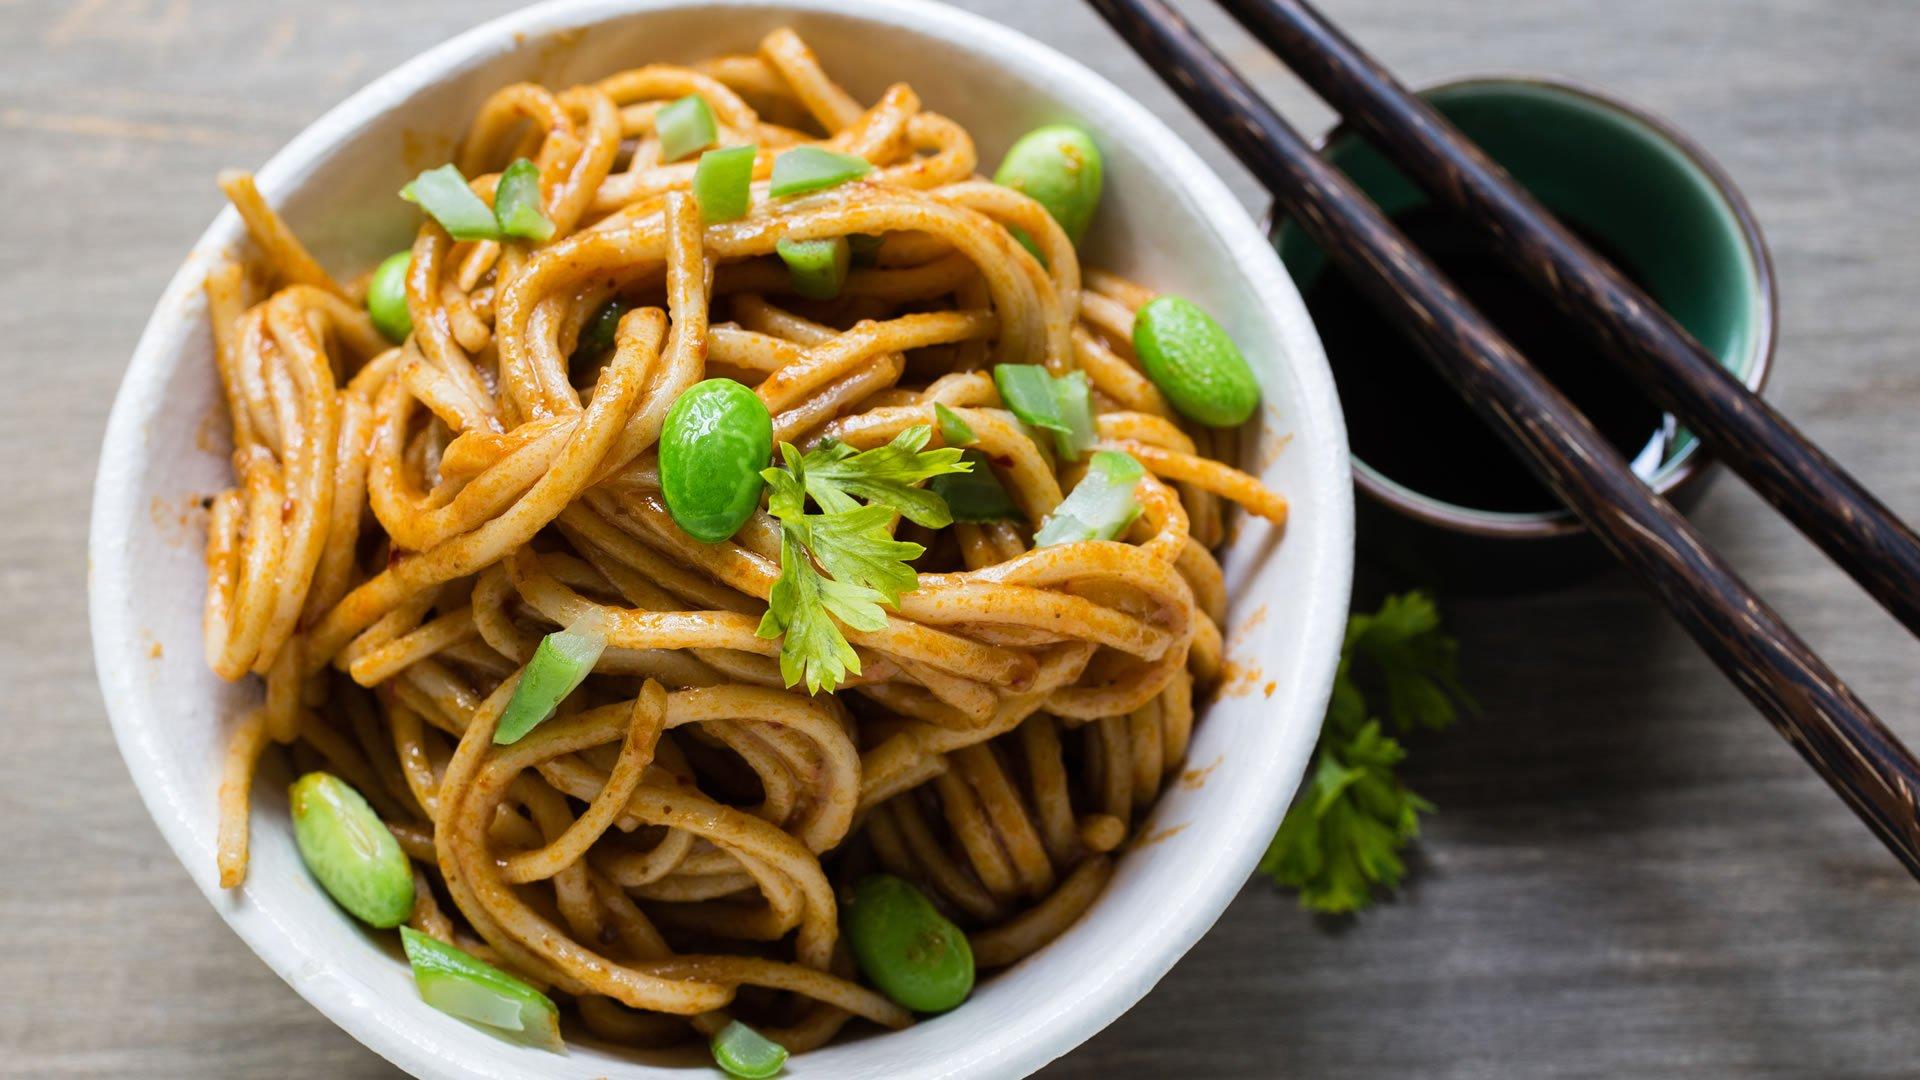 Cocina China Tradicional | Platos Postres Y Otros Alimentos Tipicos En La Gastronomia China